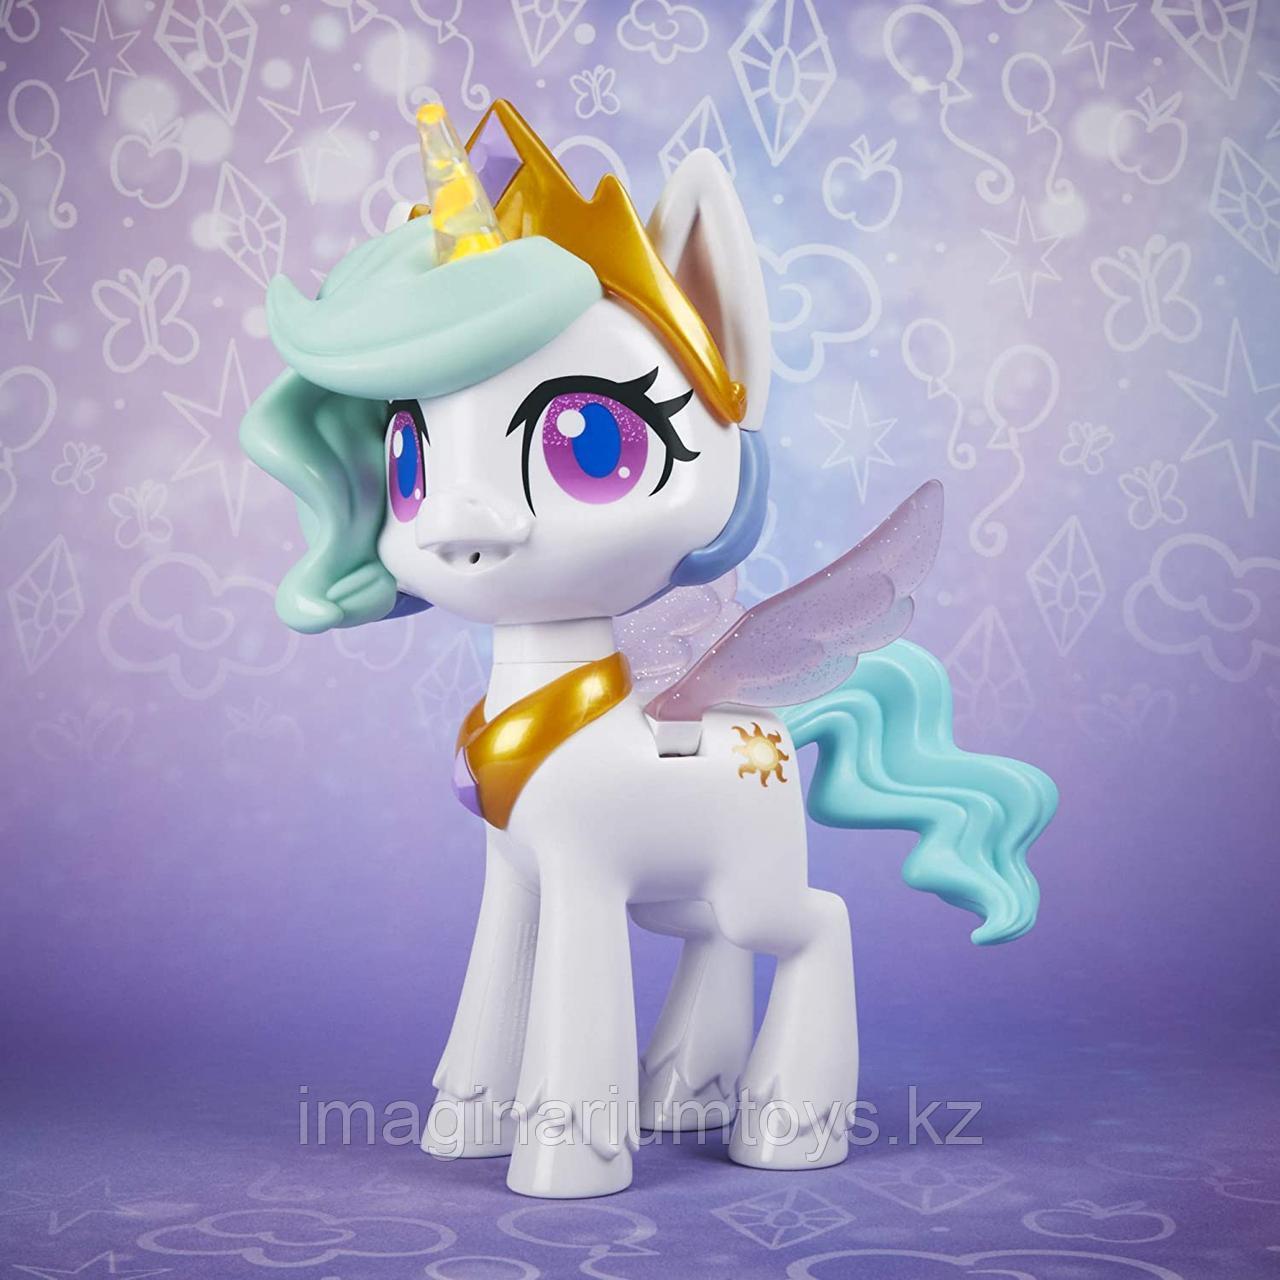 Интерактивный единорог Селестия My Little Pony - фото 5